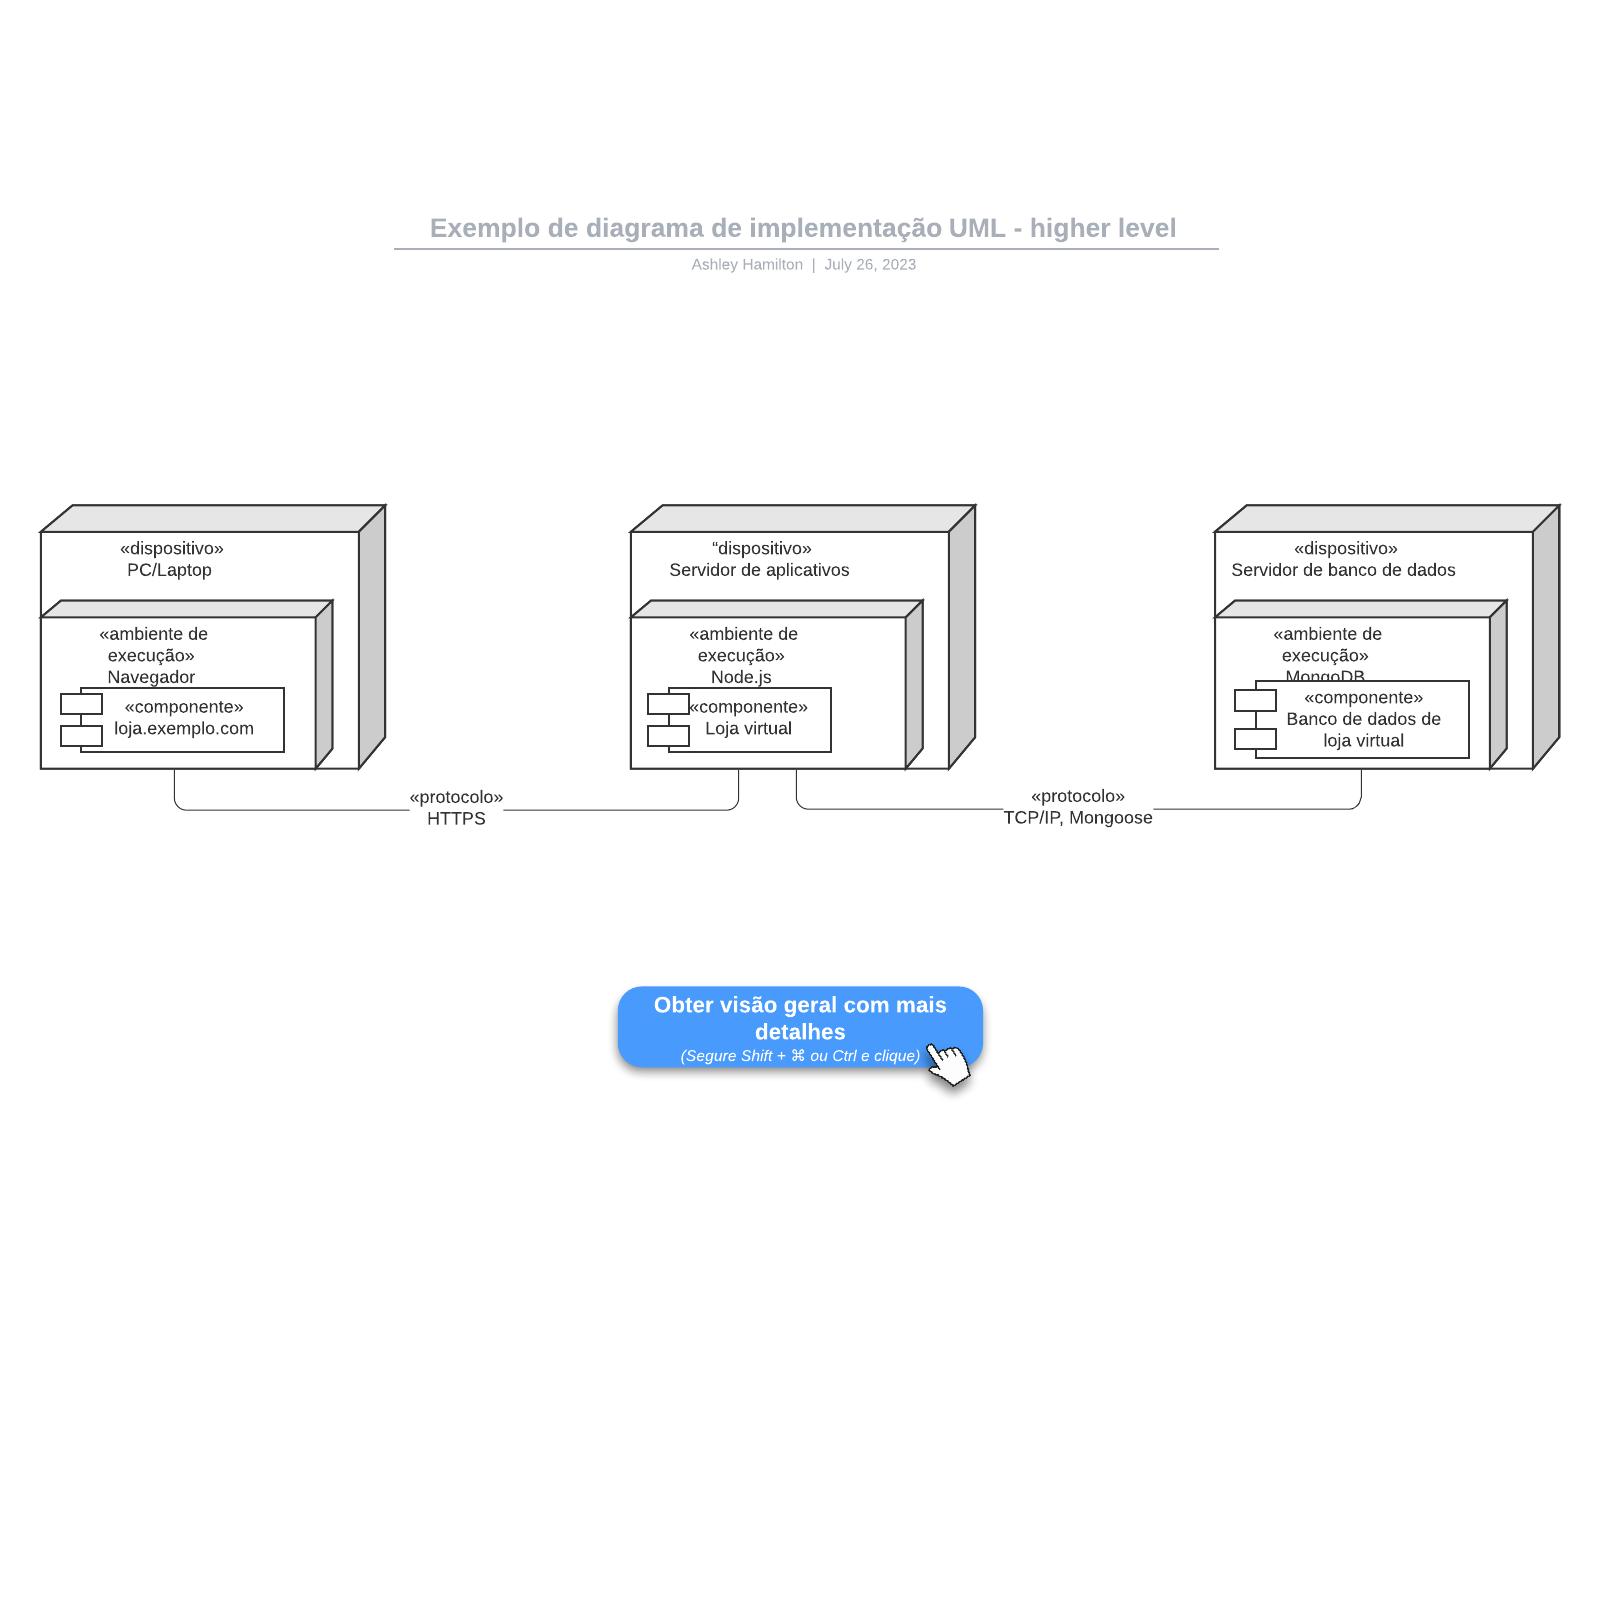 Exemplo de diagrama de implementação UML